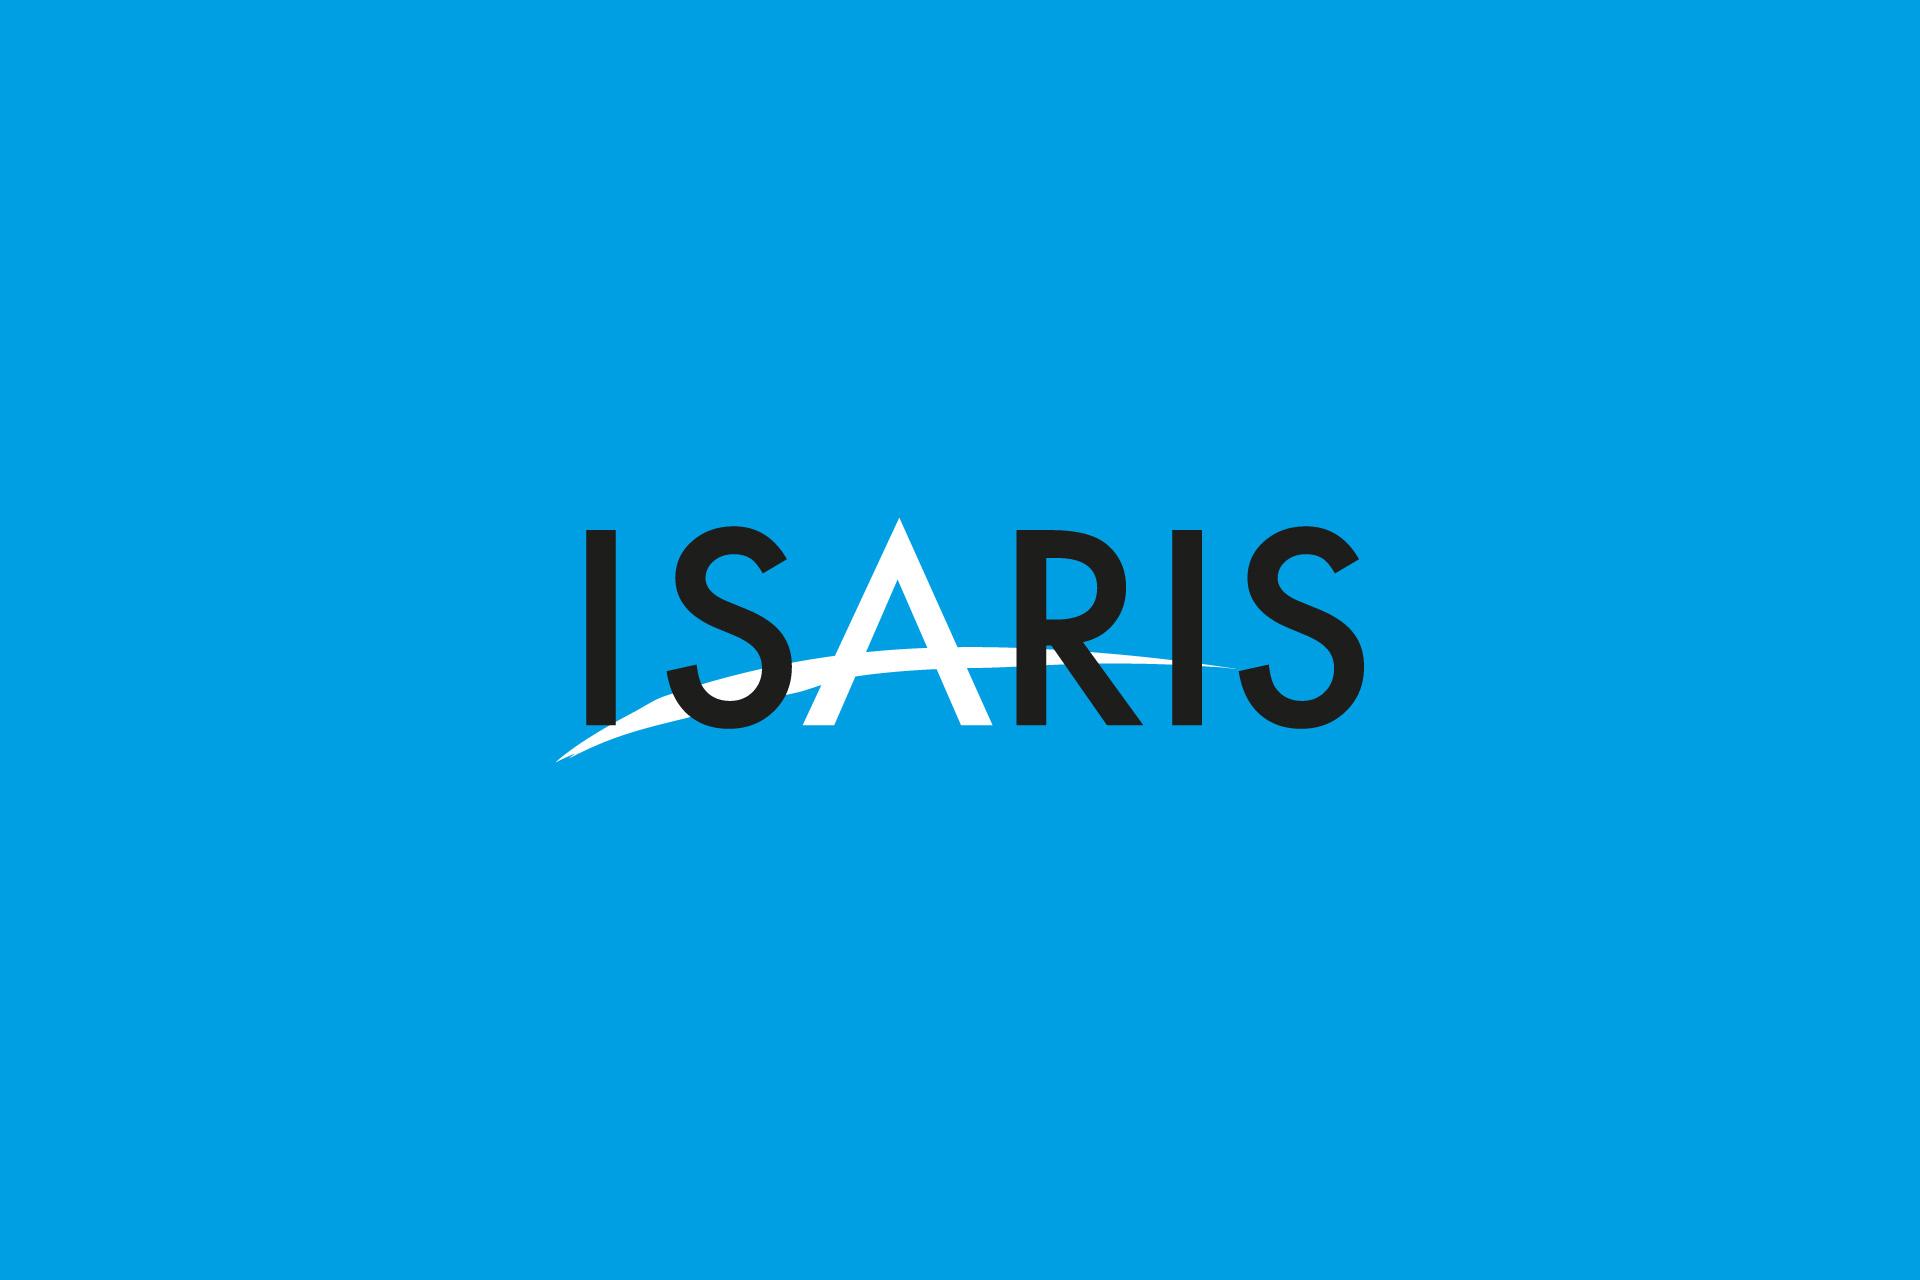 Isaris